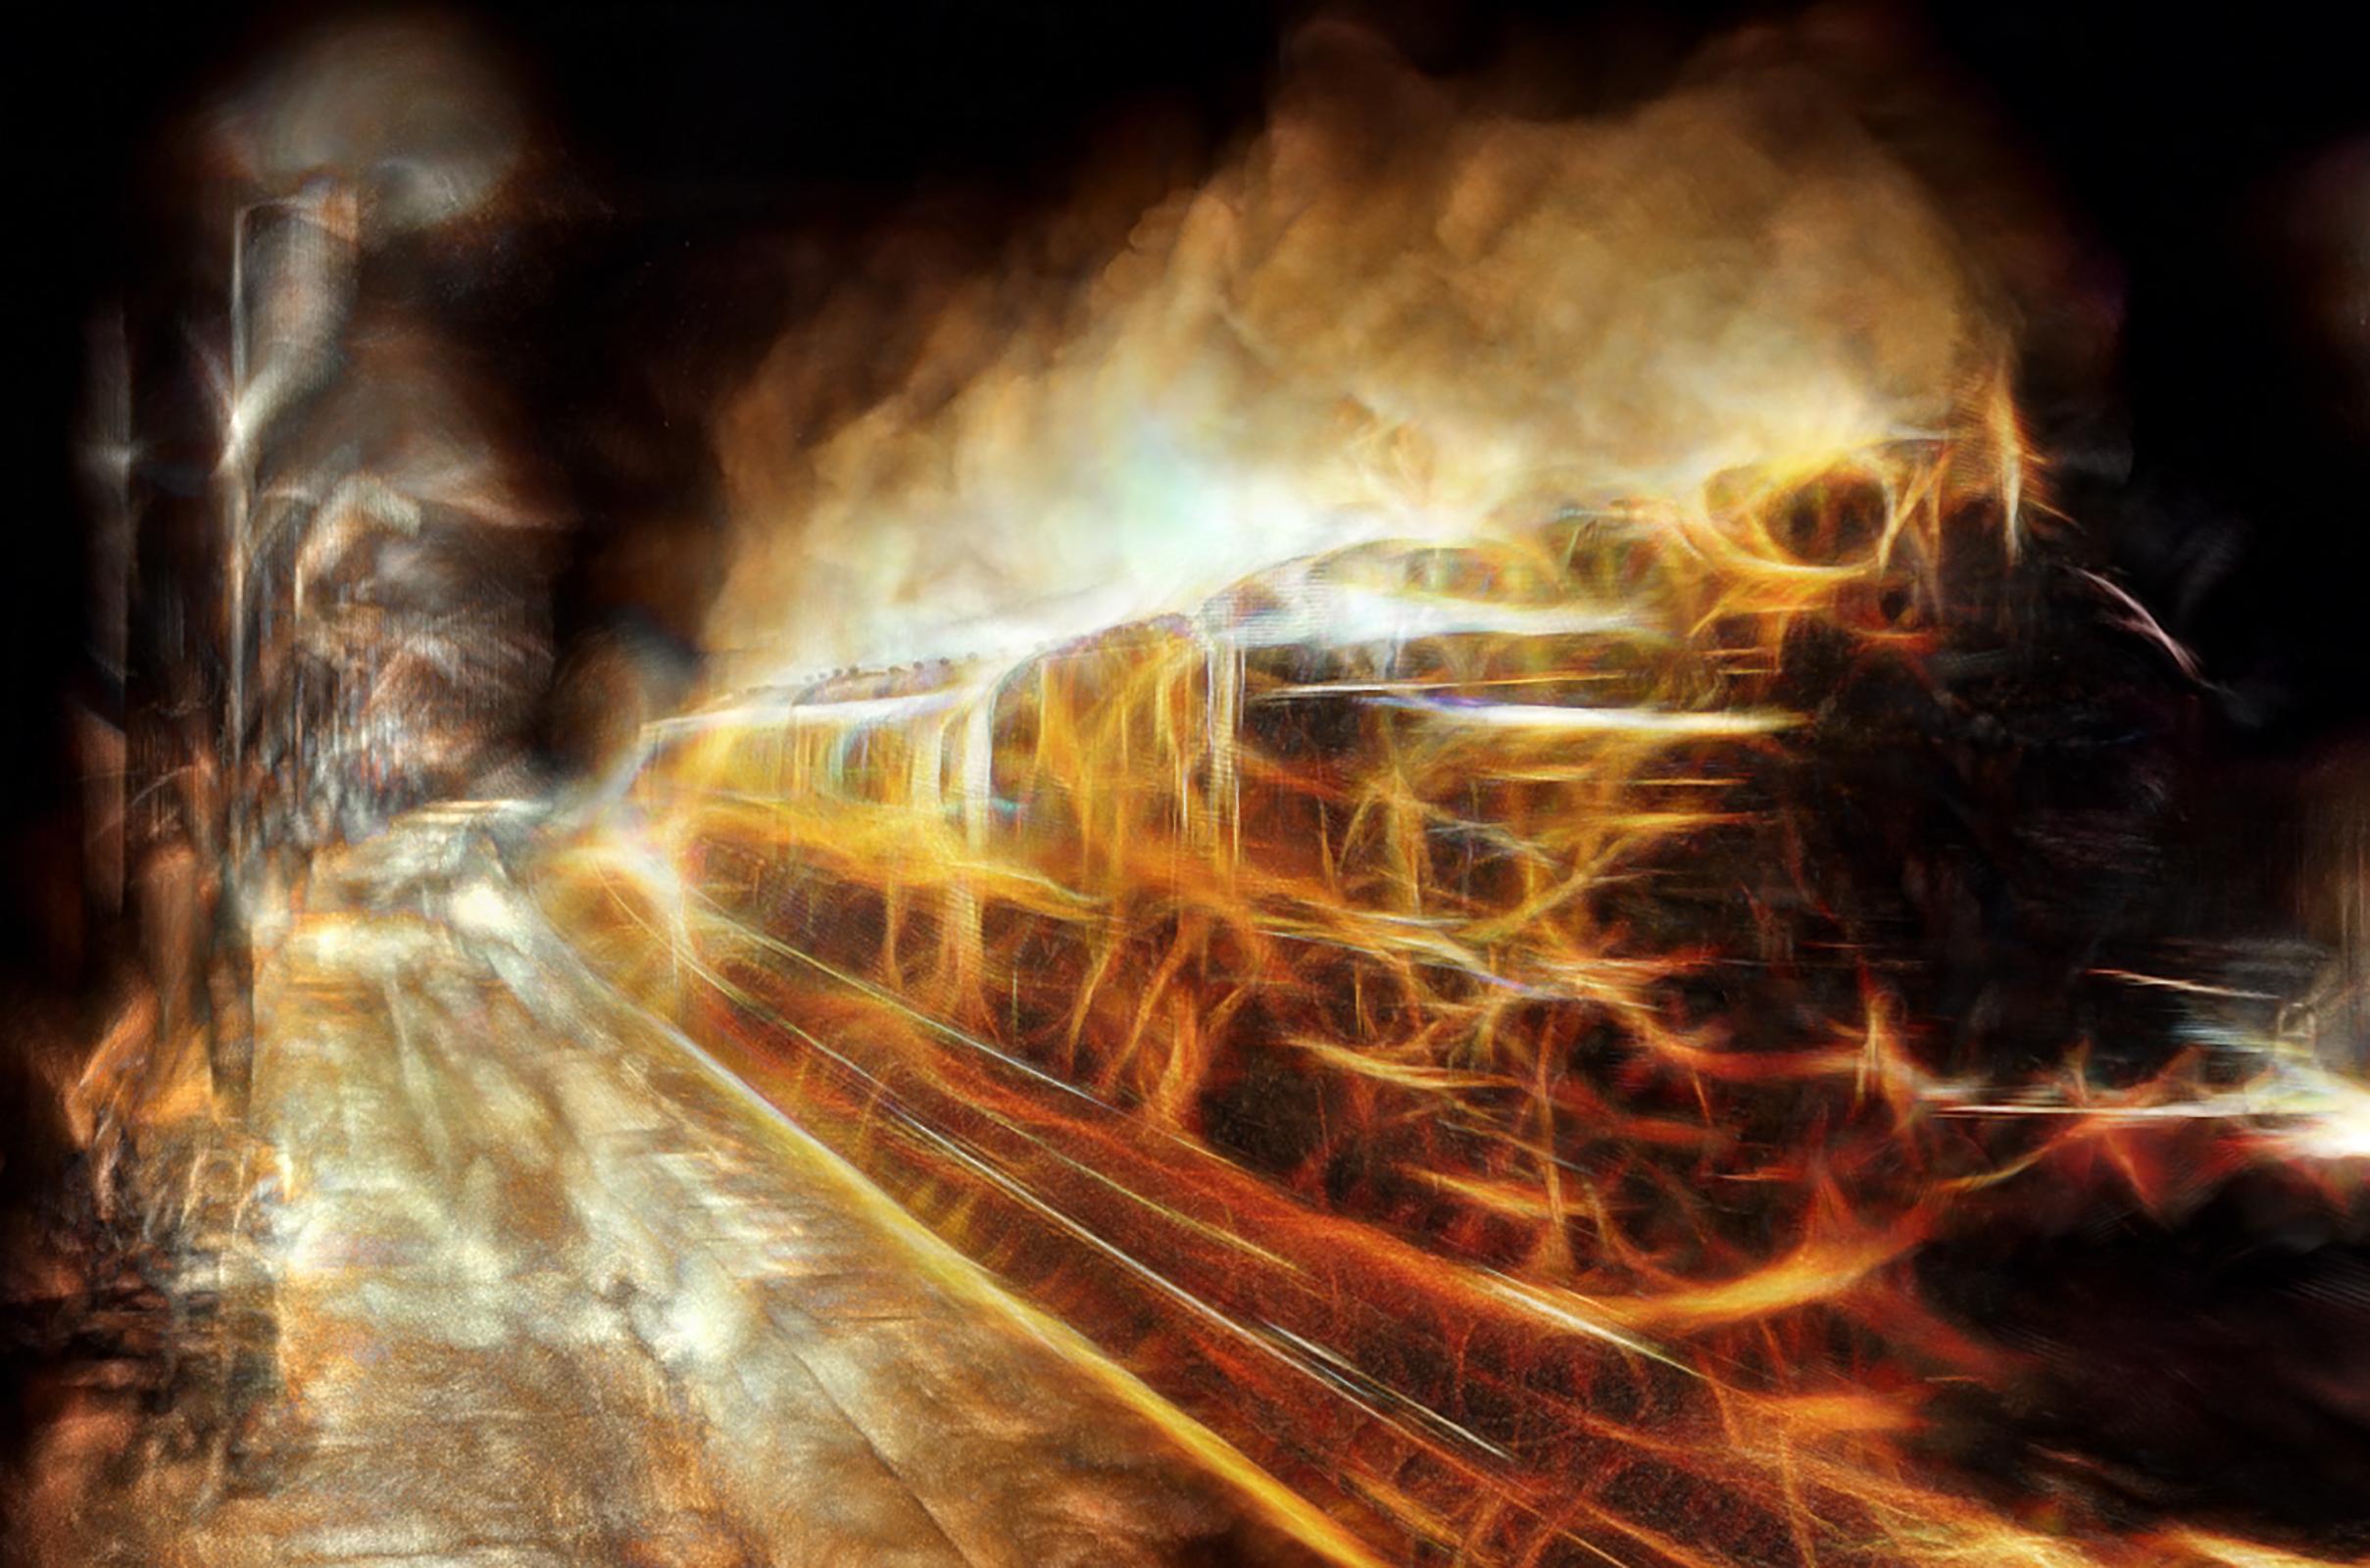 доля поезд в огне в картинках этом помогут